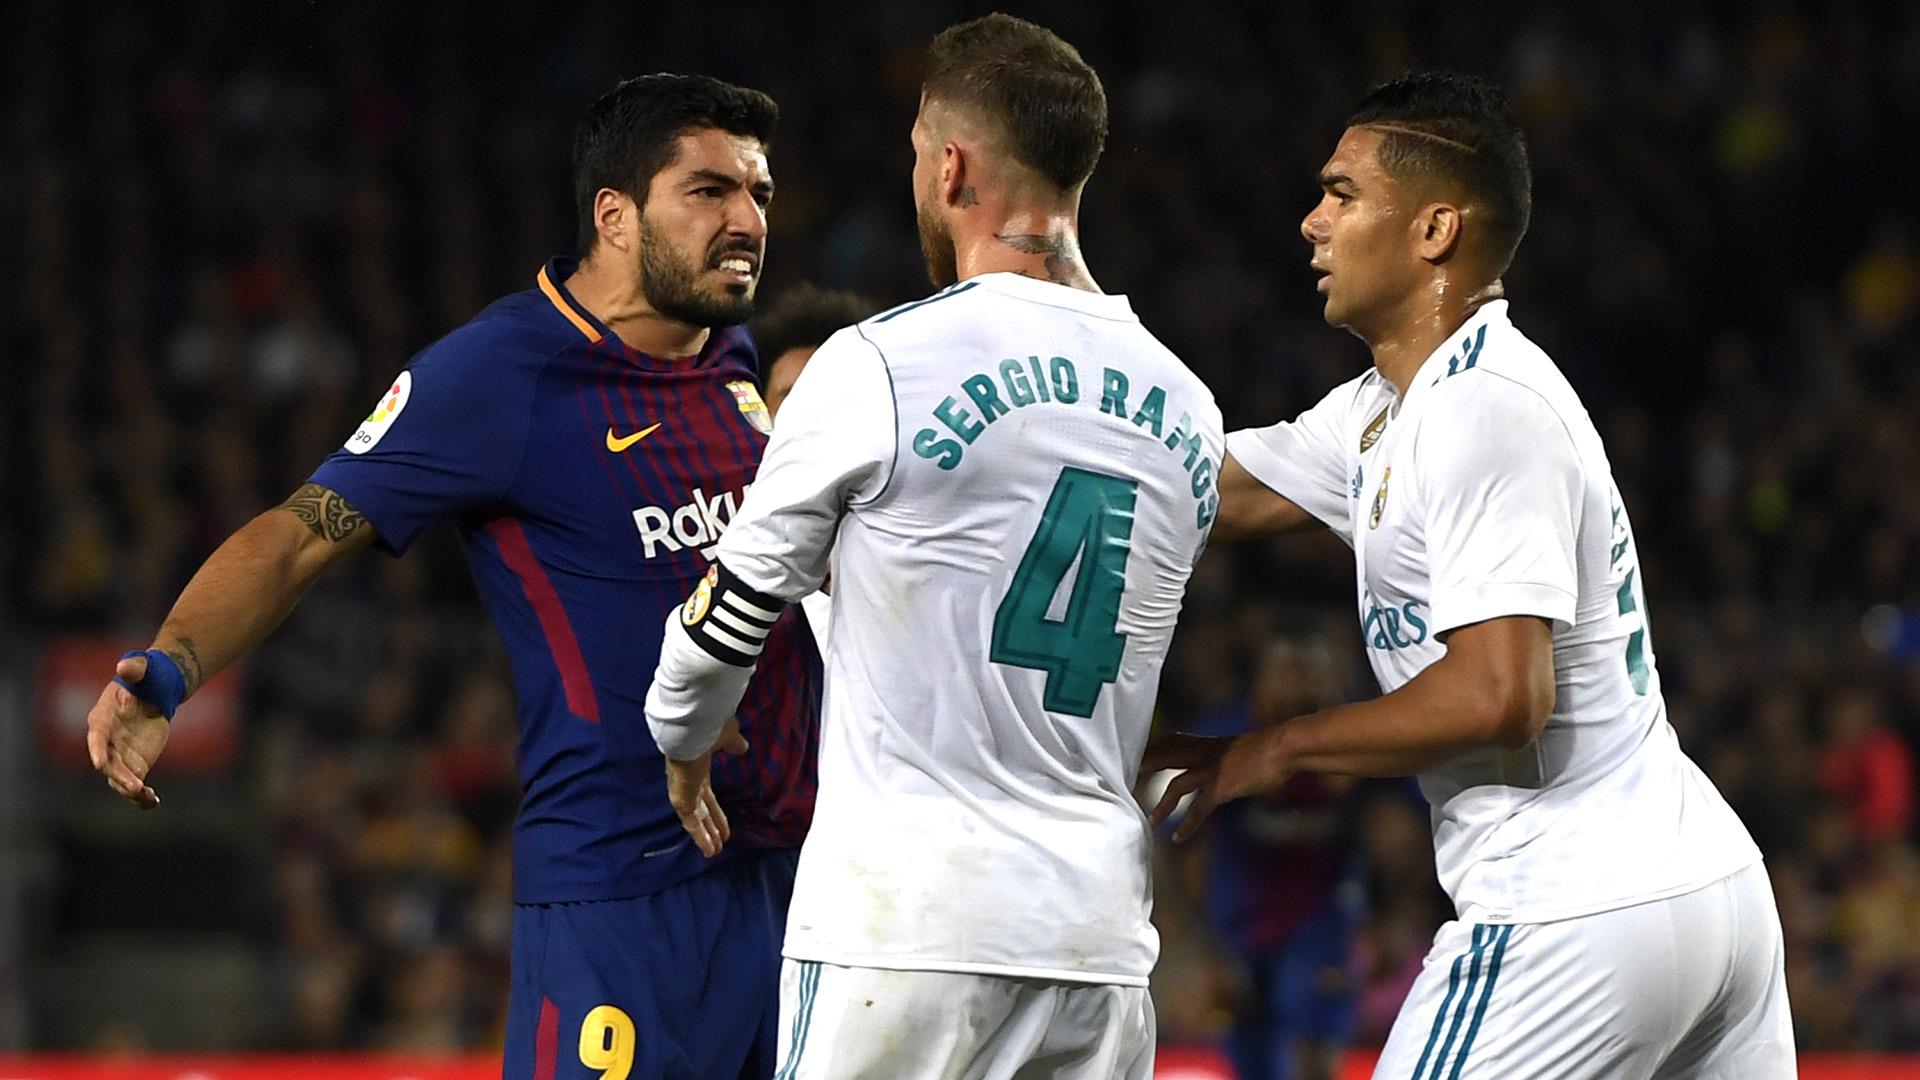 Real Madrid Vs Fcb 2019